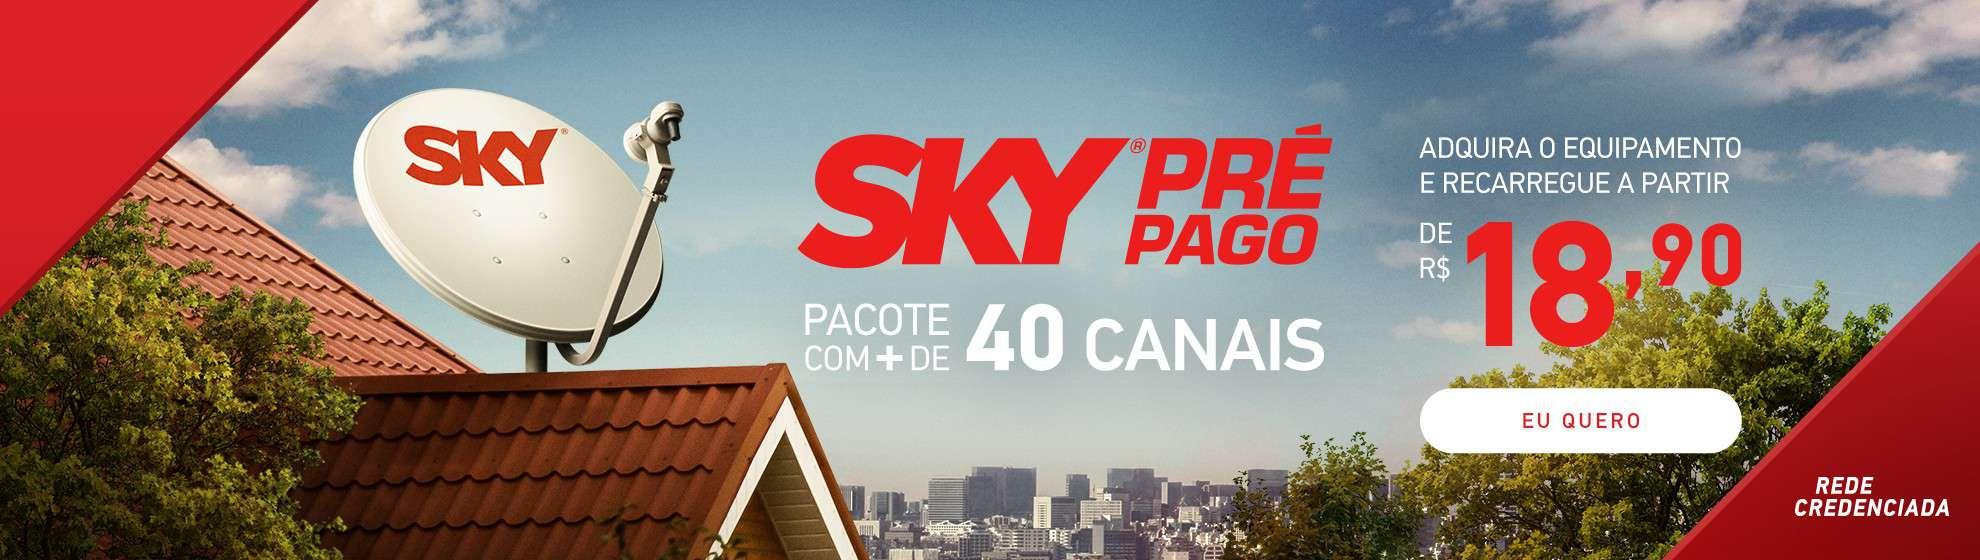 SKY TV   0800 106 1111   A partir de R$ 34,95  Assine Hoje